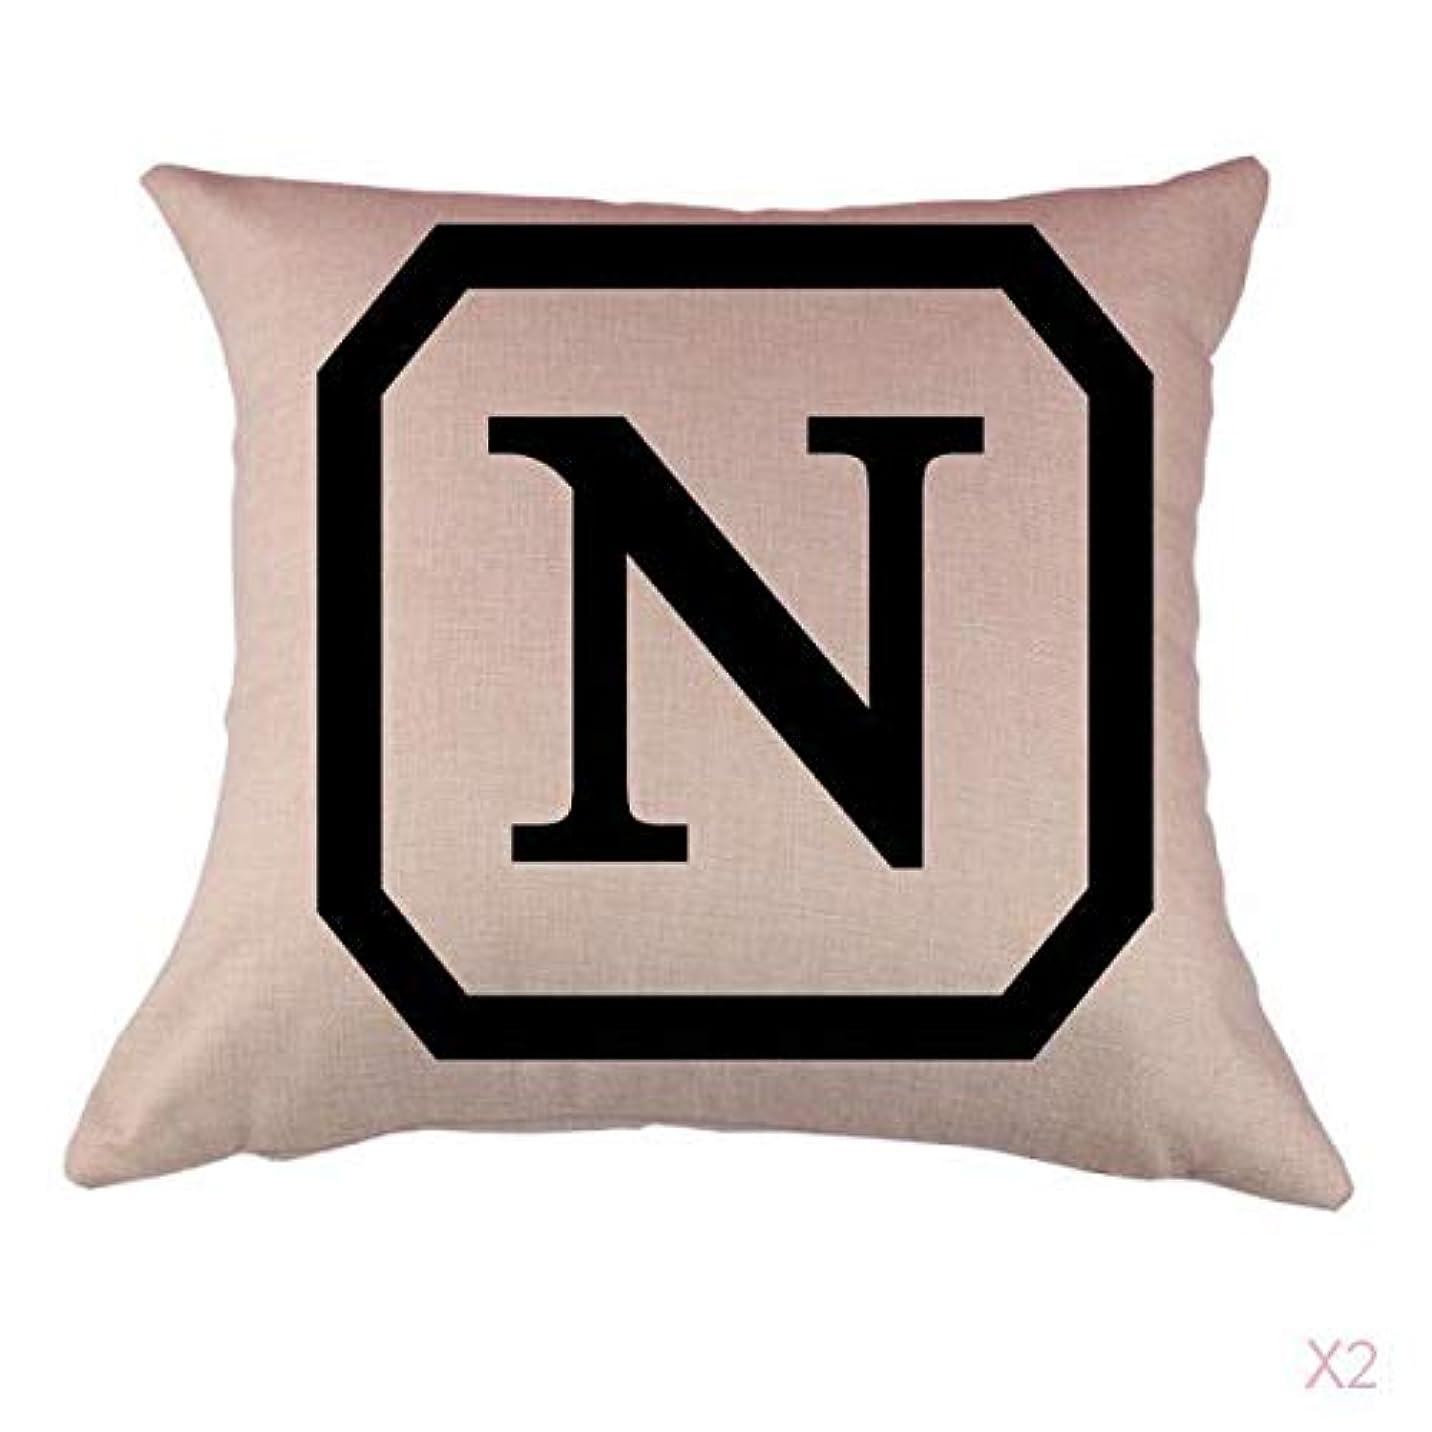 一見観察ガイドラインコットンリネンスロー枕カバークッションカバー家の装飾頭文字nを